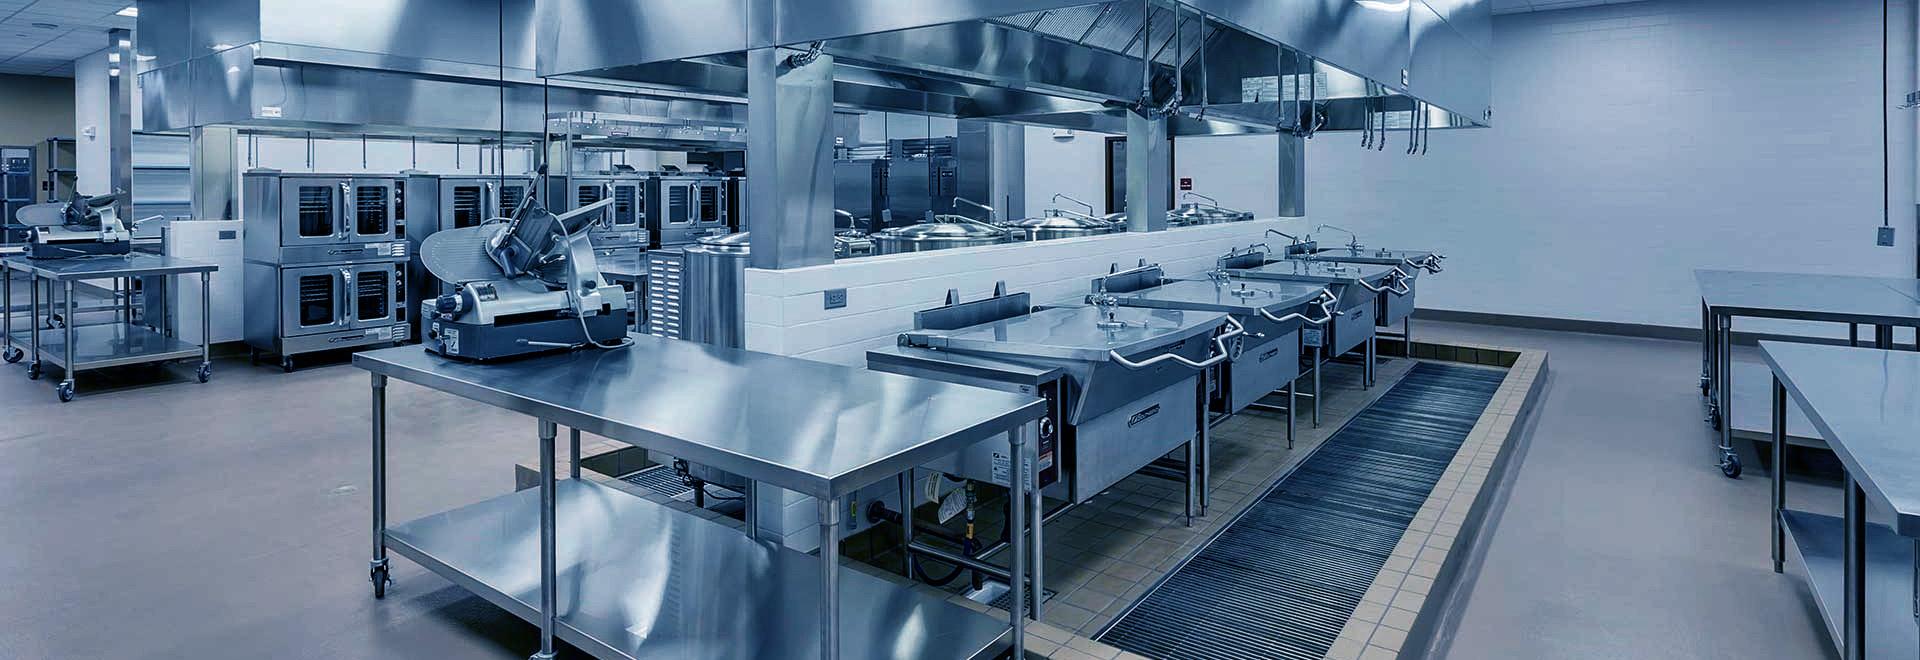 厨具厂家:食堂厨房工程